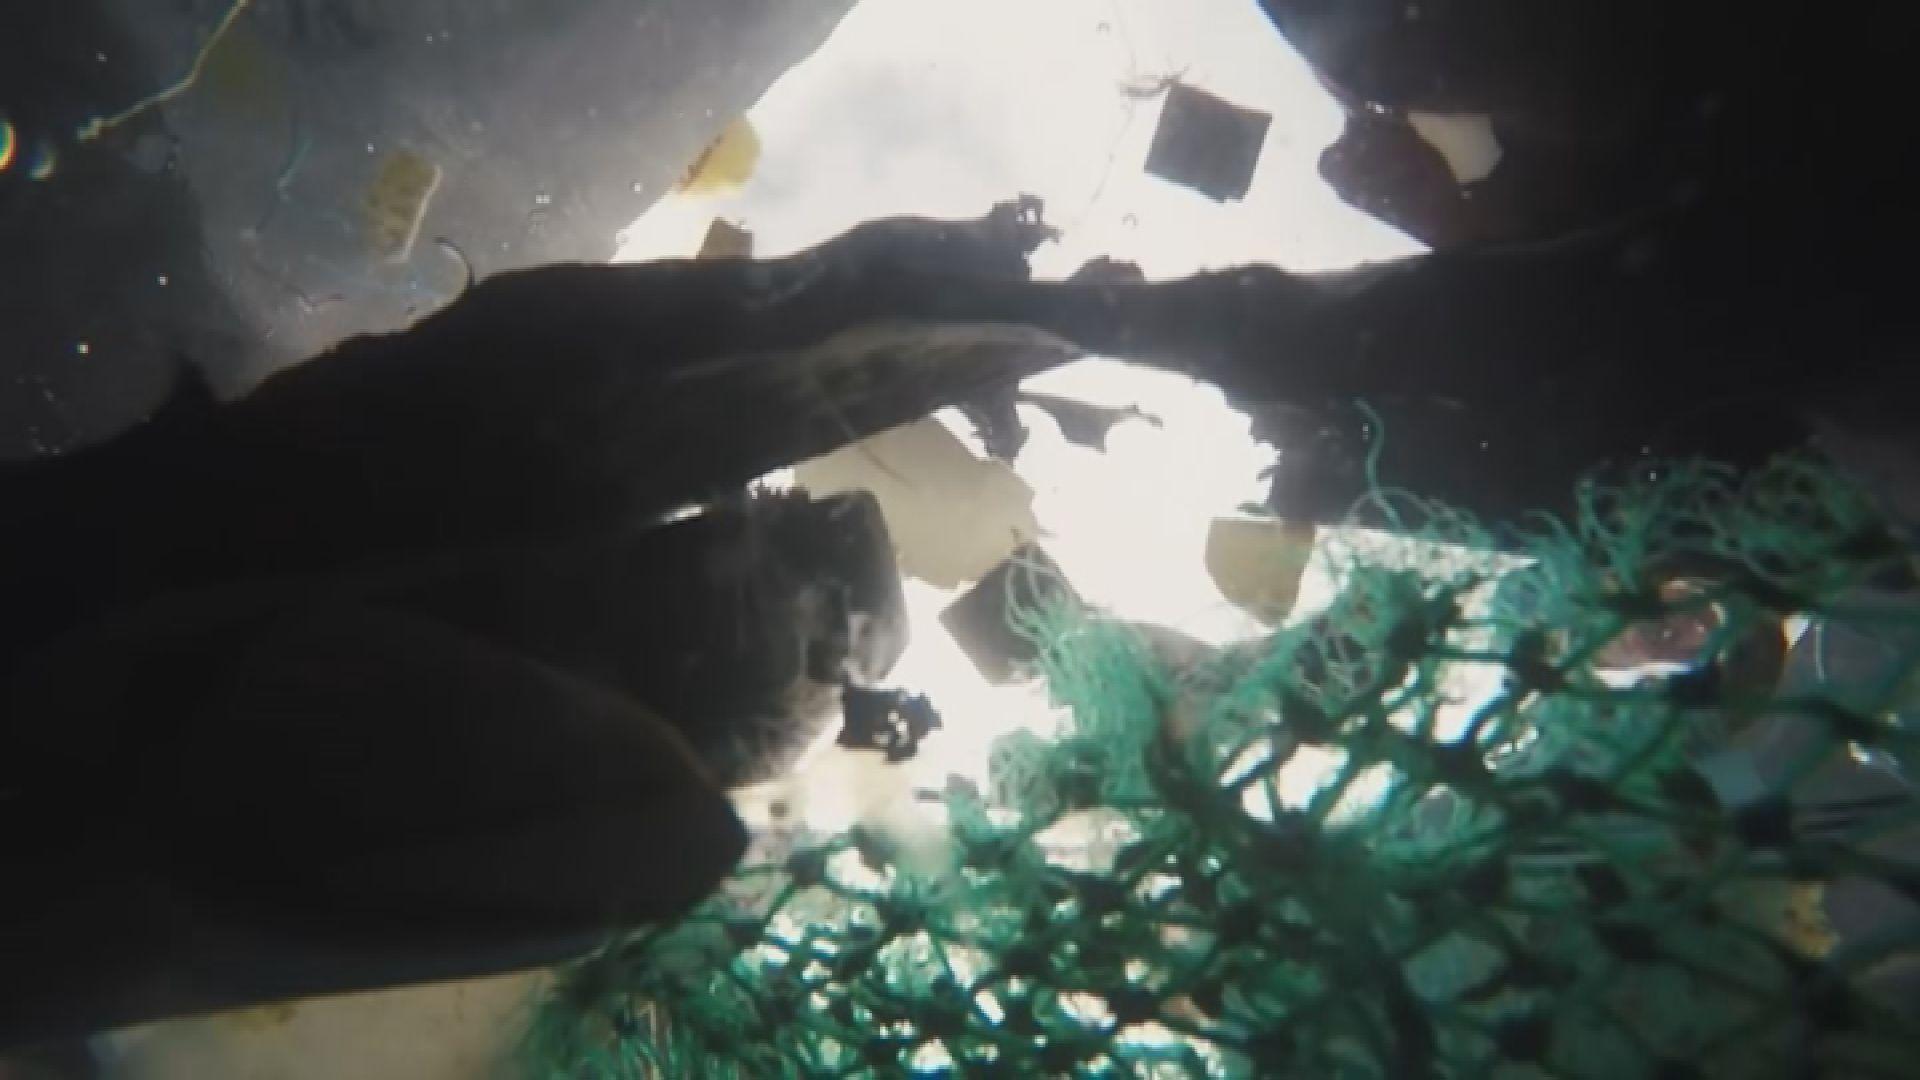 太平洋垃圾帶有近八萬噸垃圾漂浮